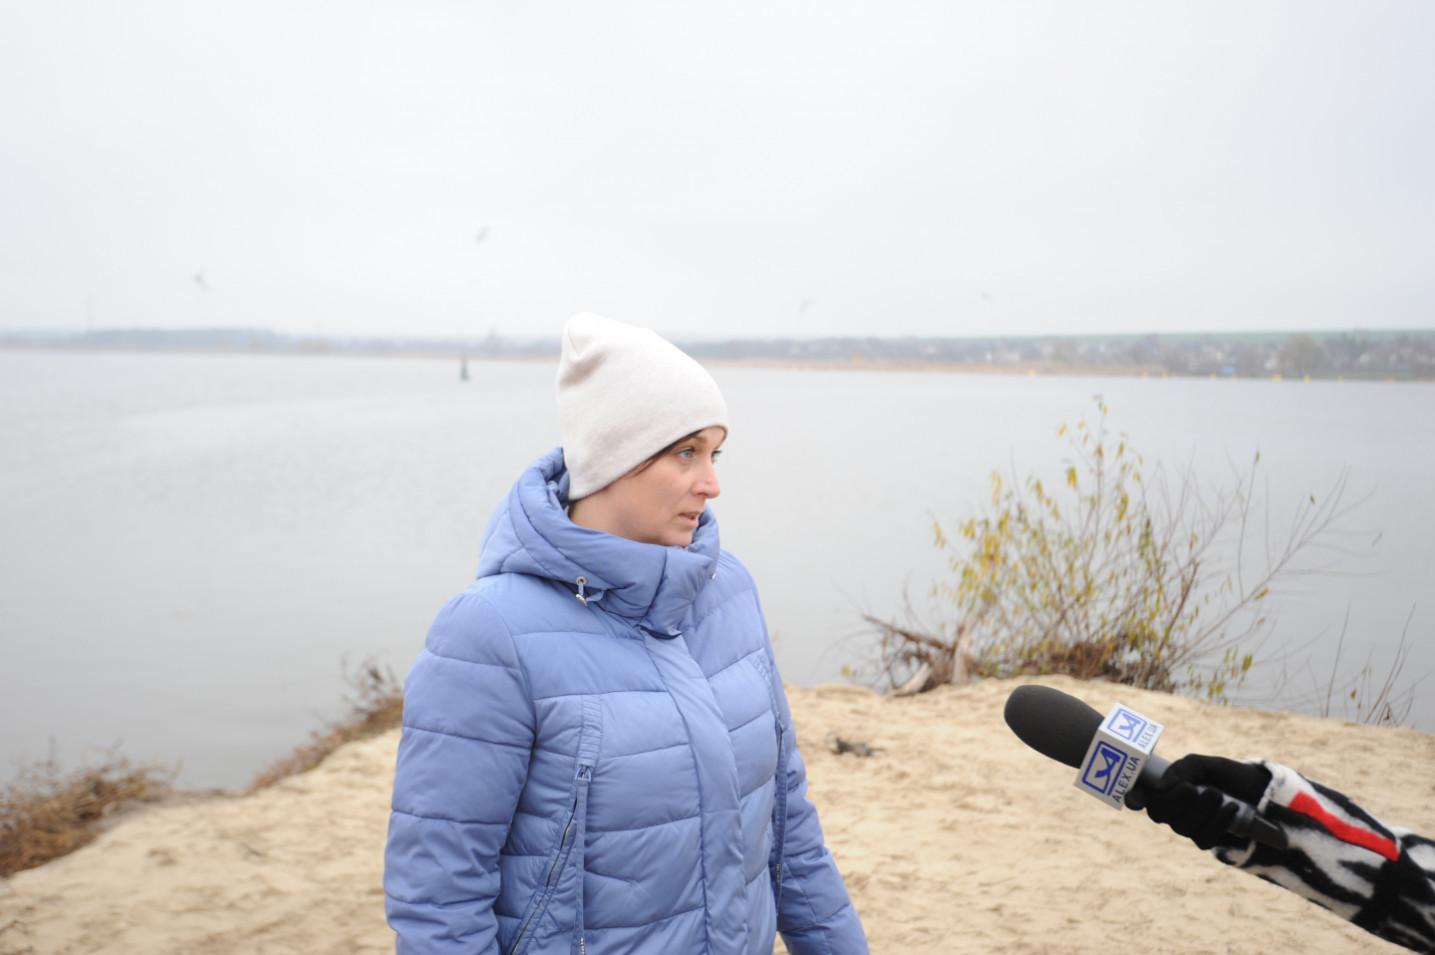 11–12 листопада 2019 року у с. Тернівка Запорізької області компанія «НІБУЛОН» провела другий етап зариблення Дніпра 10 тоннами товстолобика на загальну суму близько 600 тис. грн